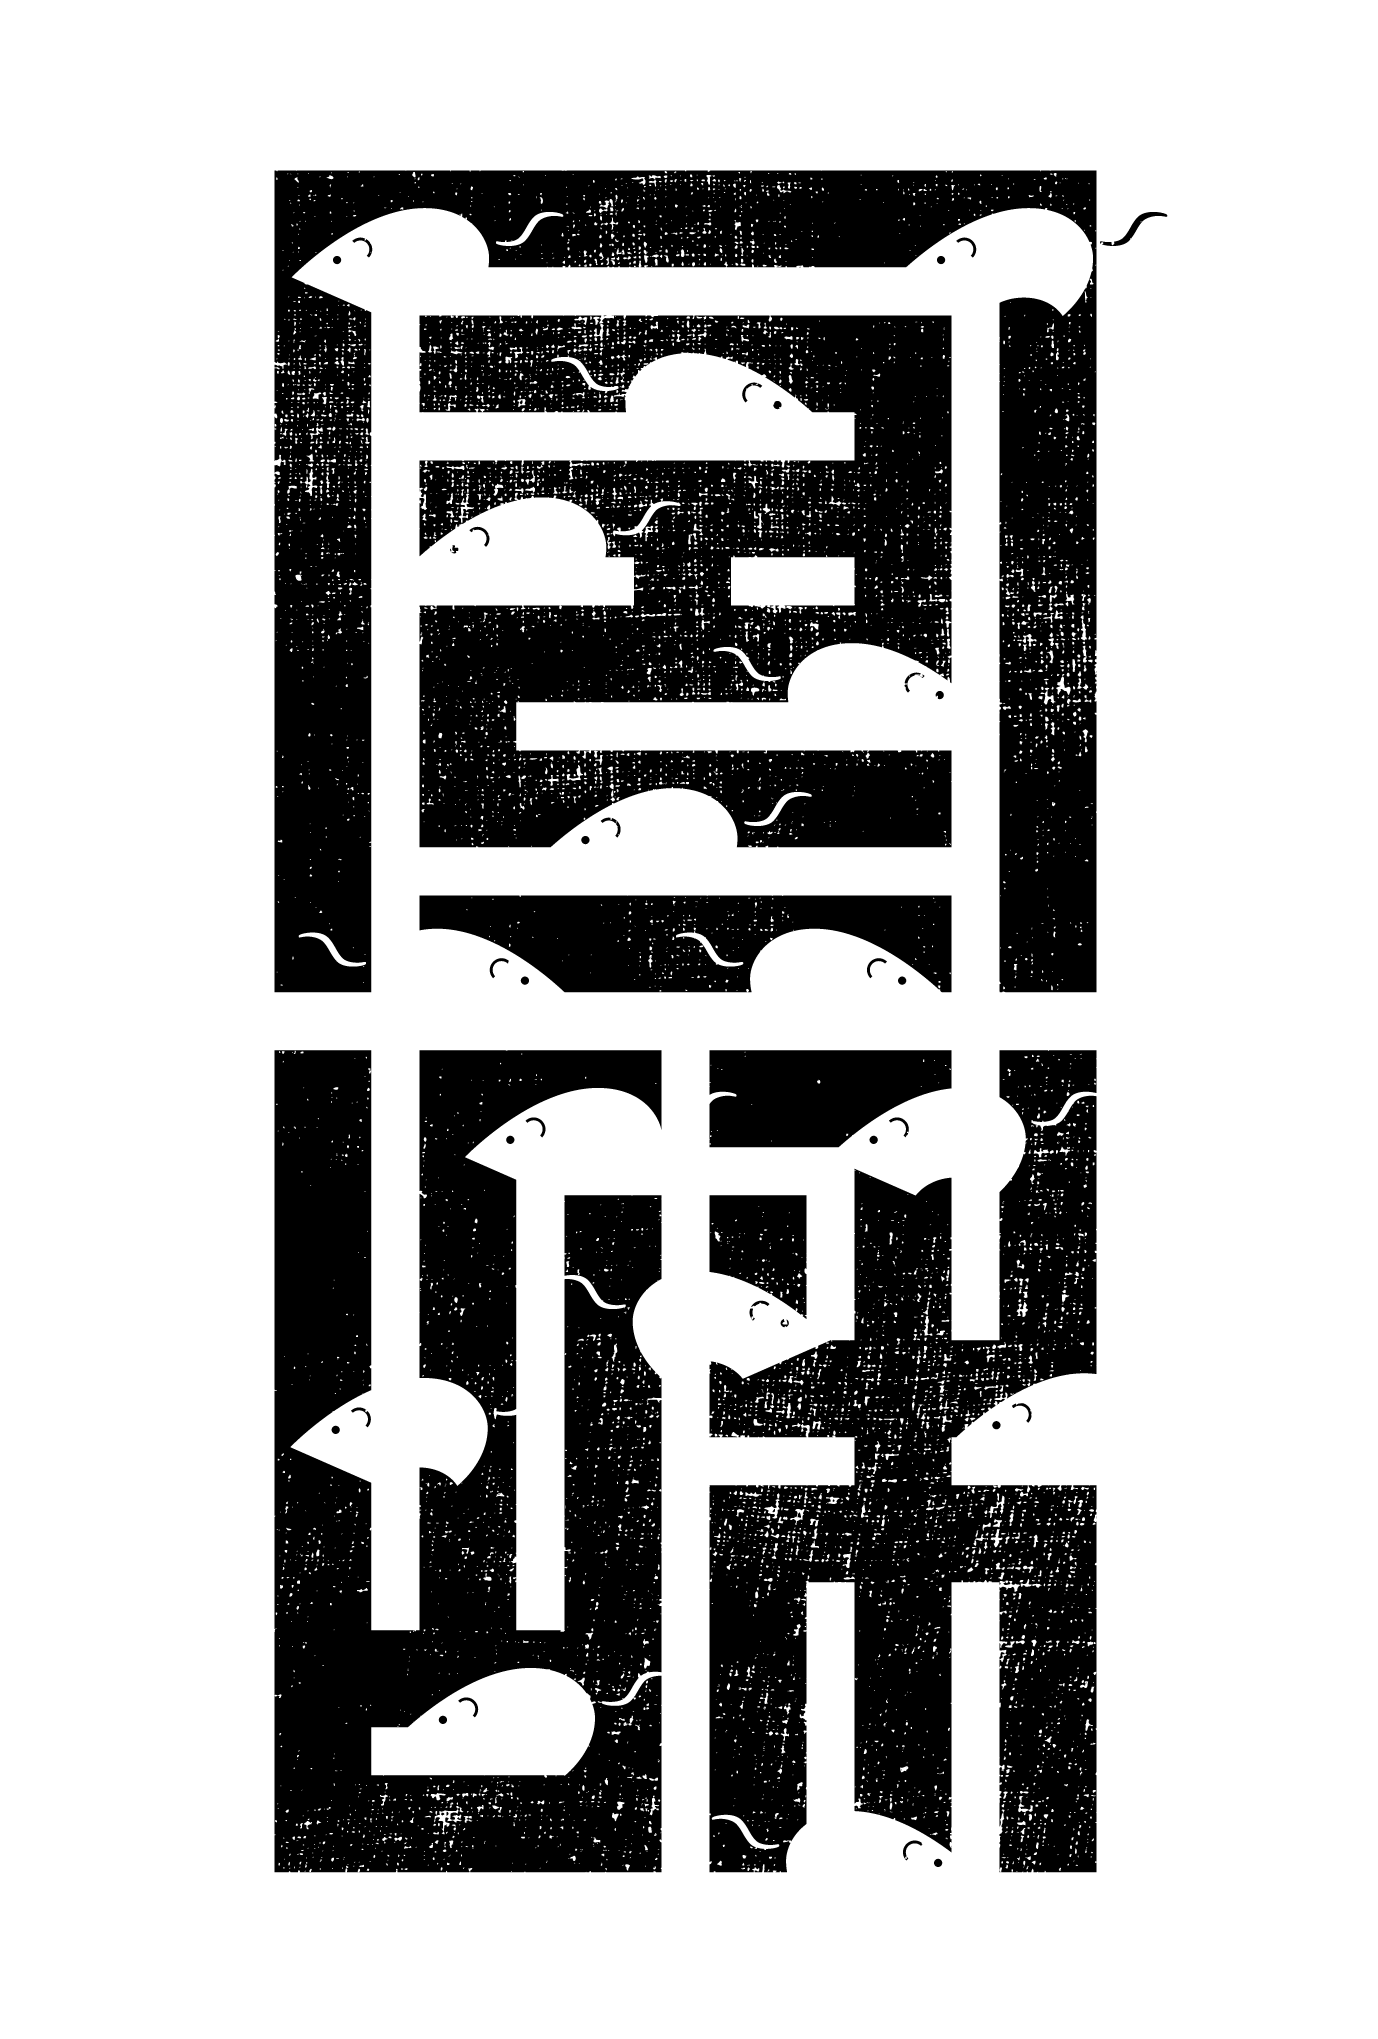 2020年賀状18-1:江戸角字(令和)黒のダウンロード画像